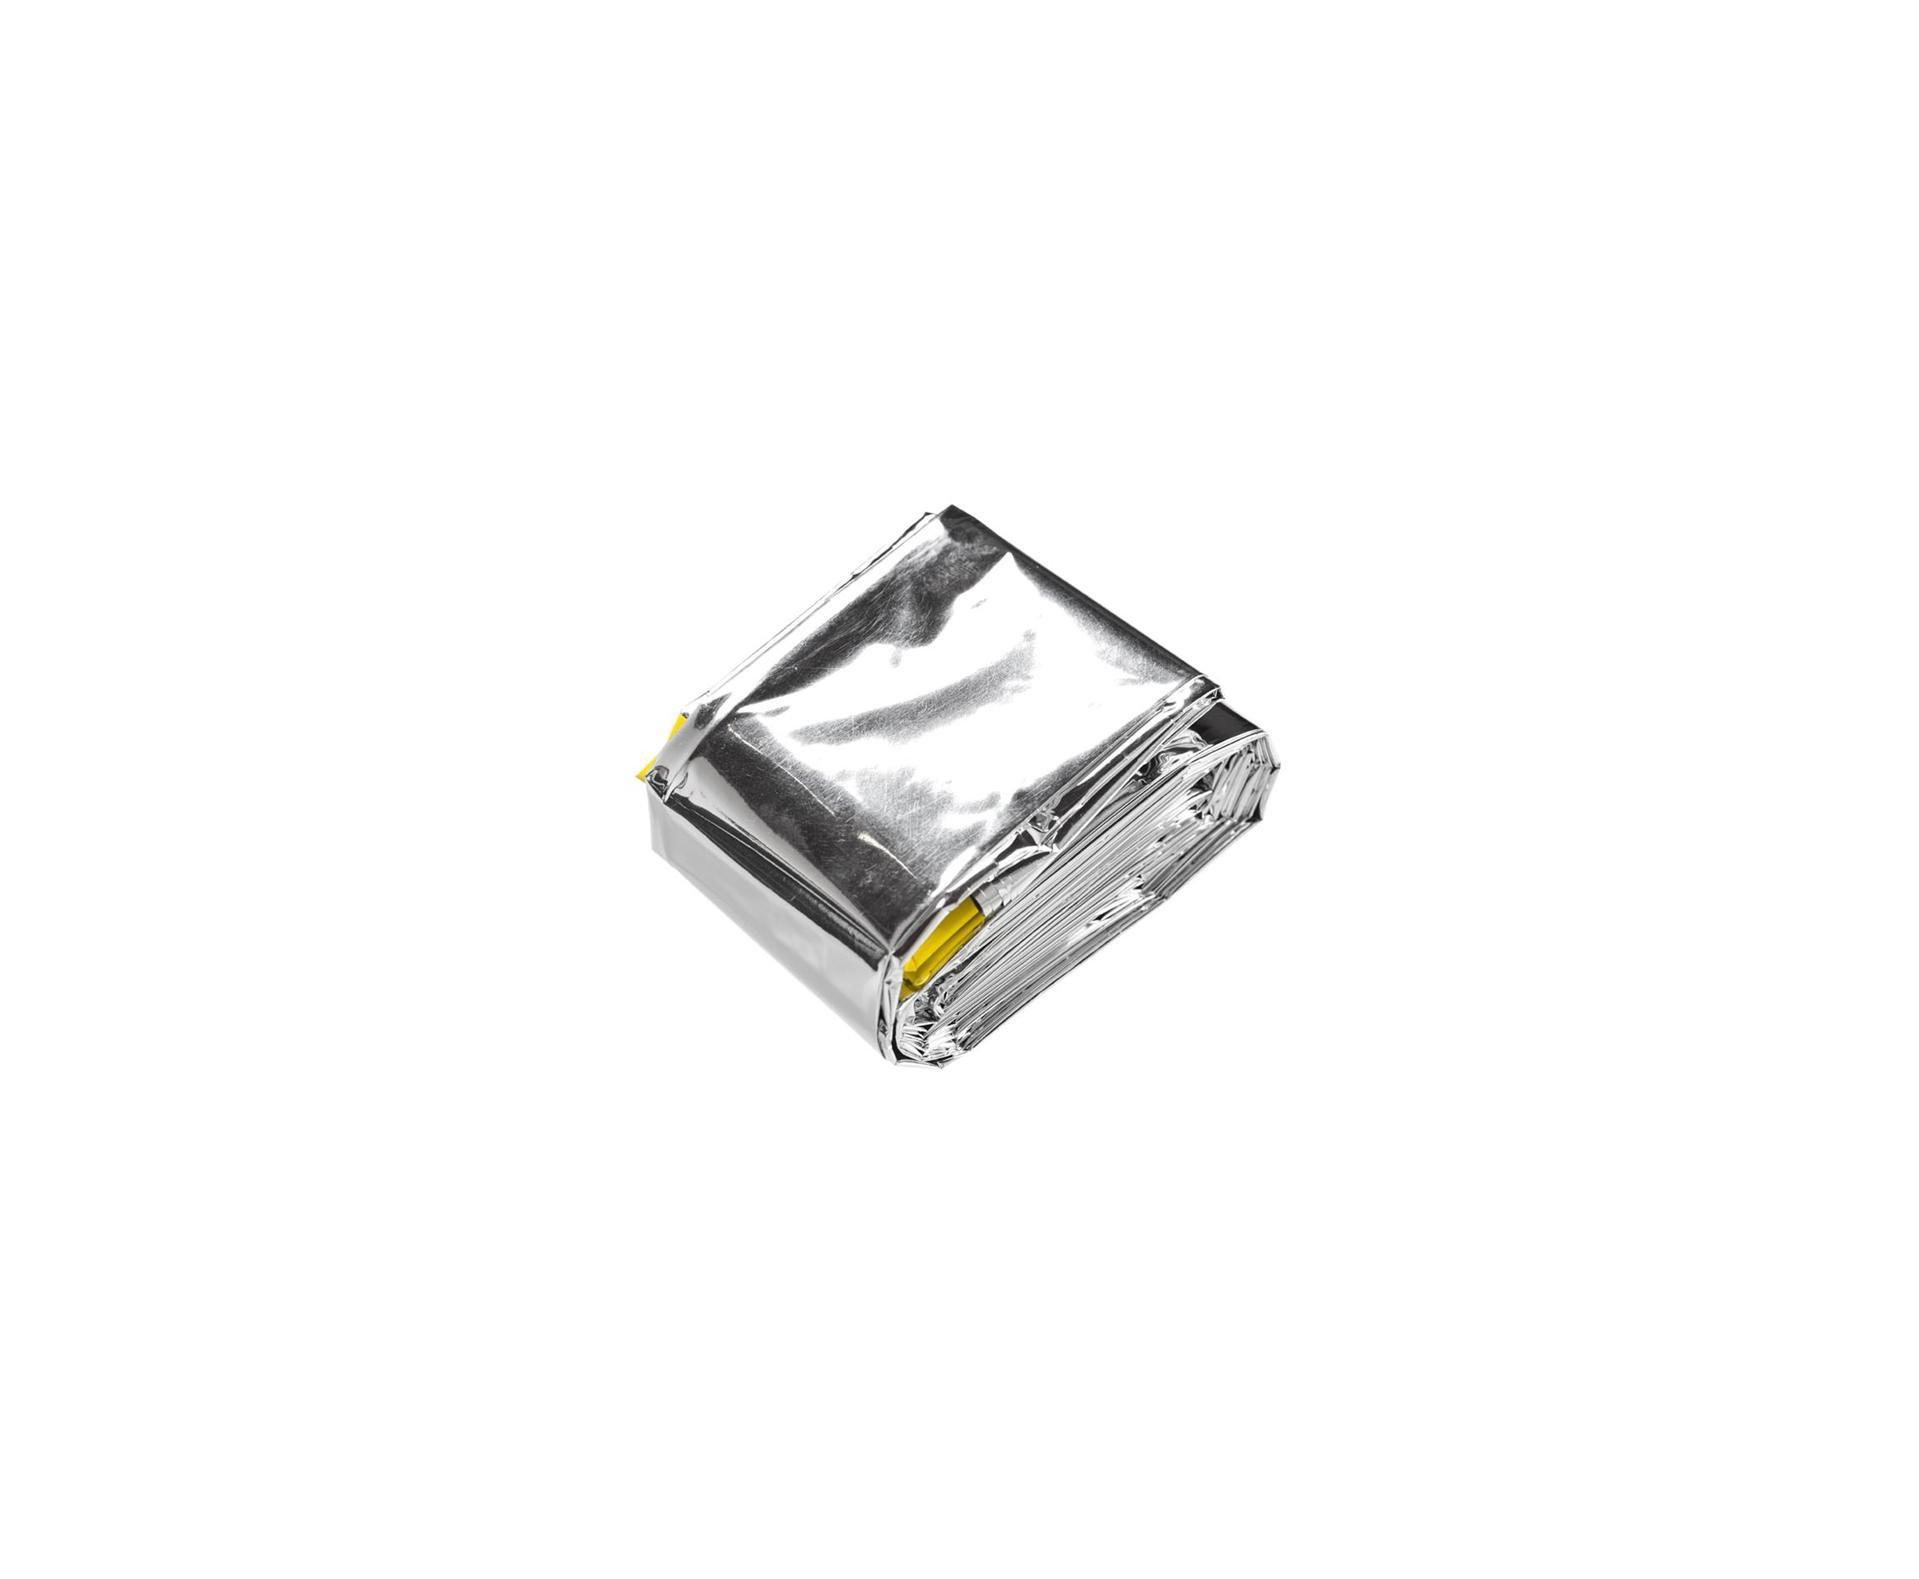 Saco De Dormir De Emergência Em Aluminio 91,5 X 213 Cm - Guepardo